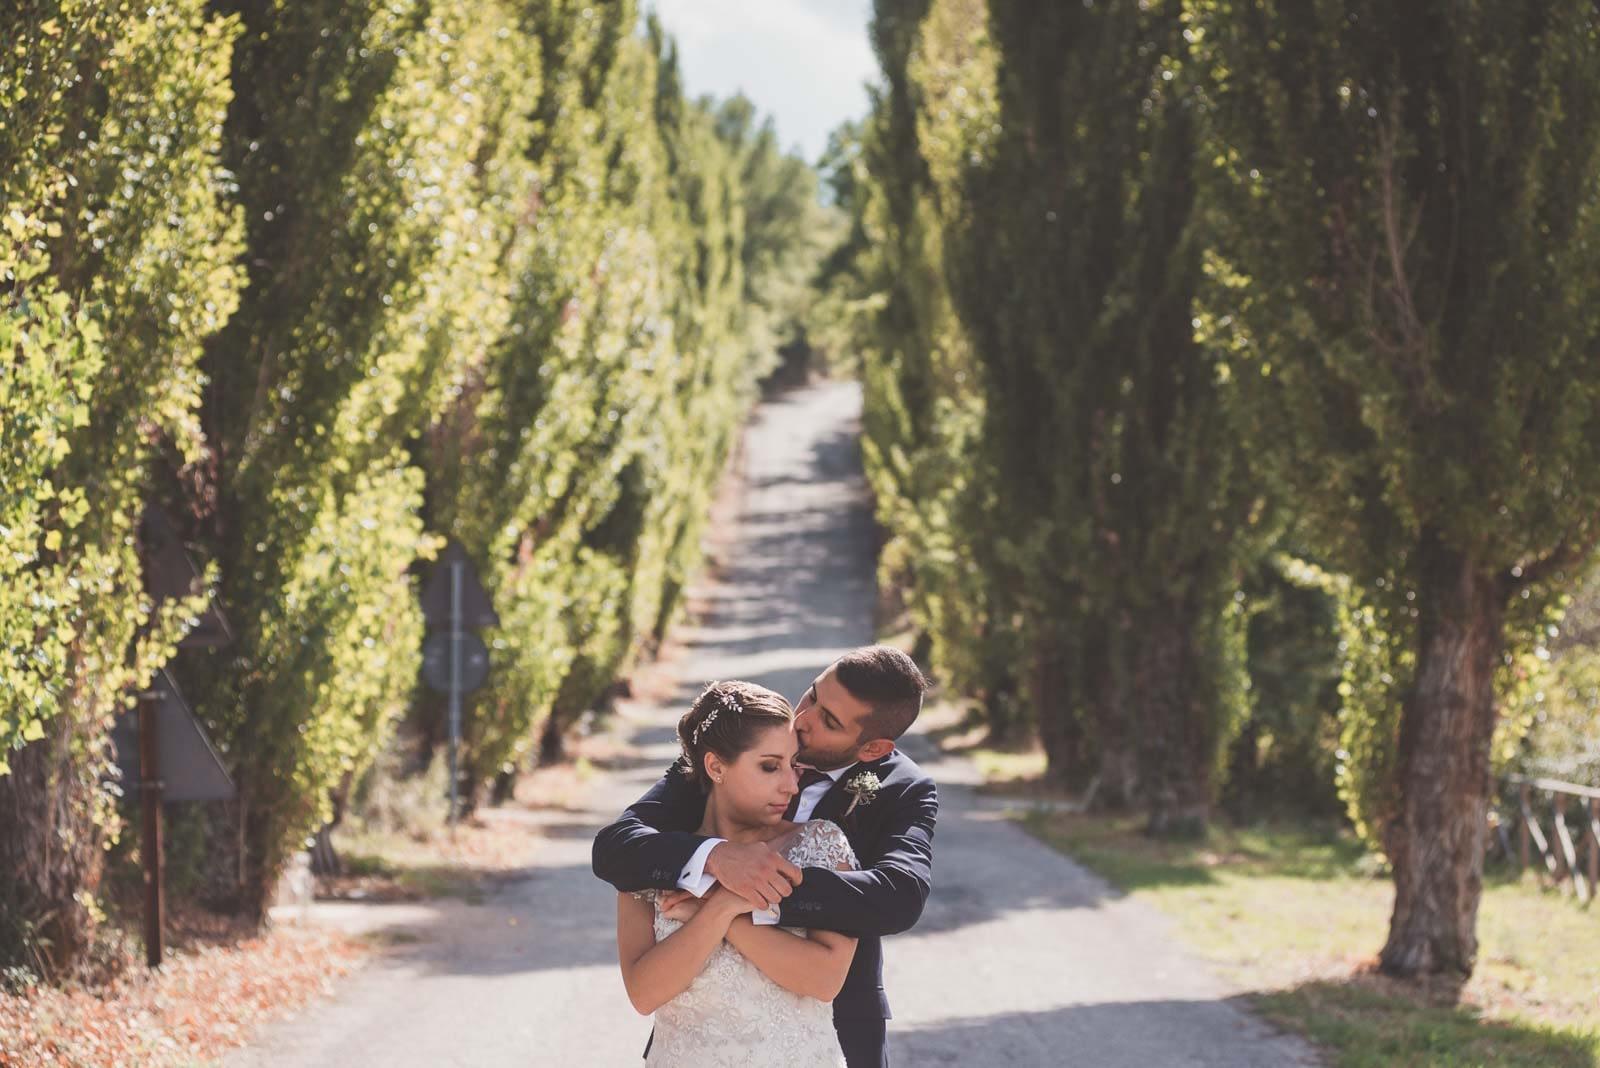 matrimonio-perugia-wedding-umbria-sposo-sposa-nozze-fotografo-50